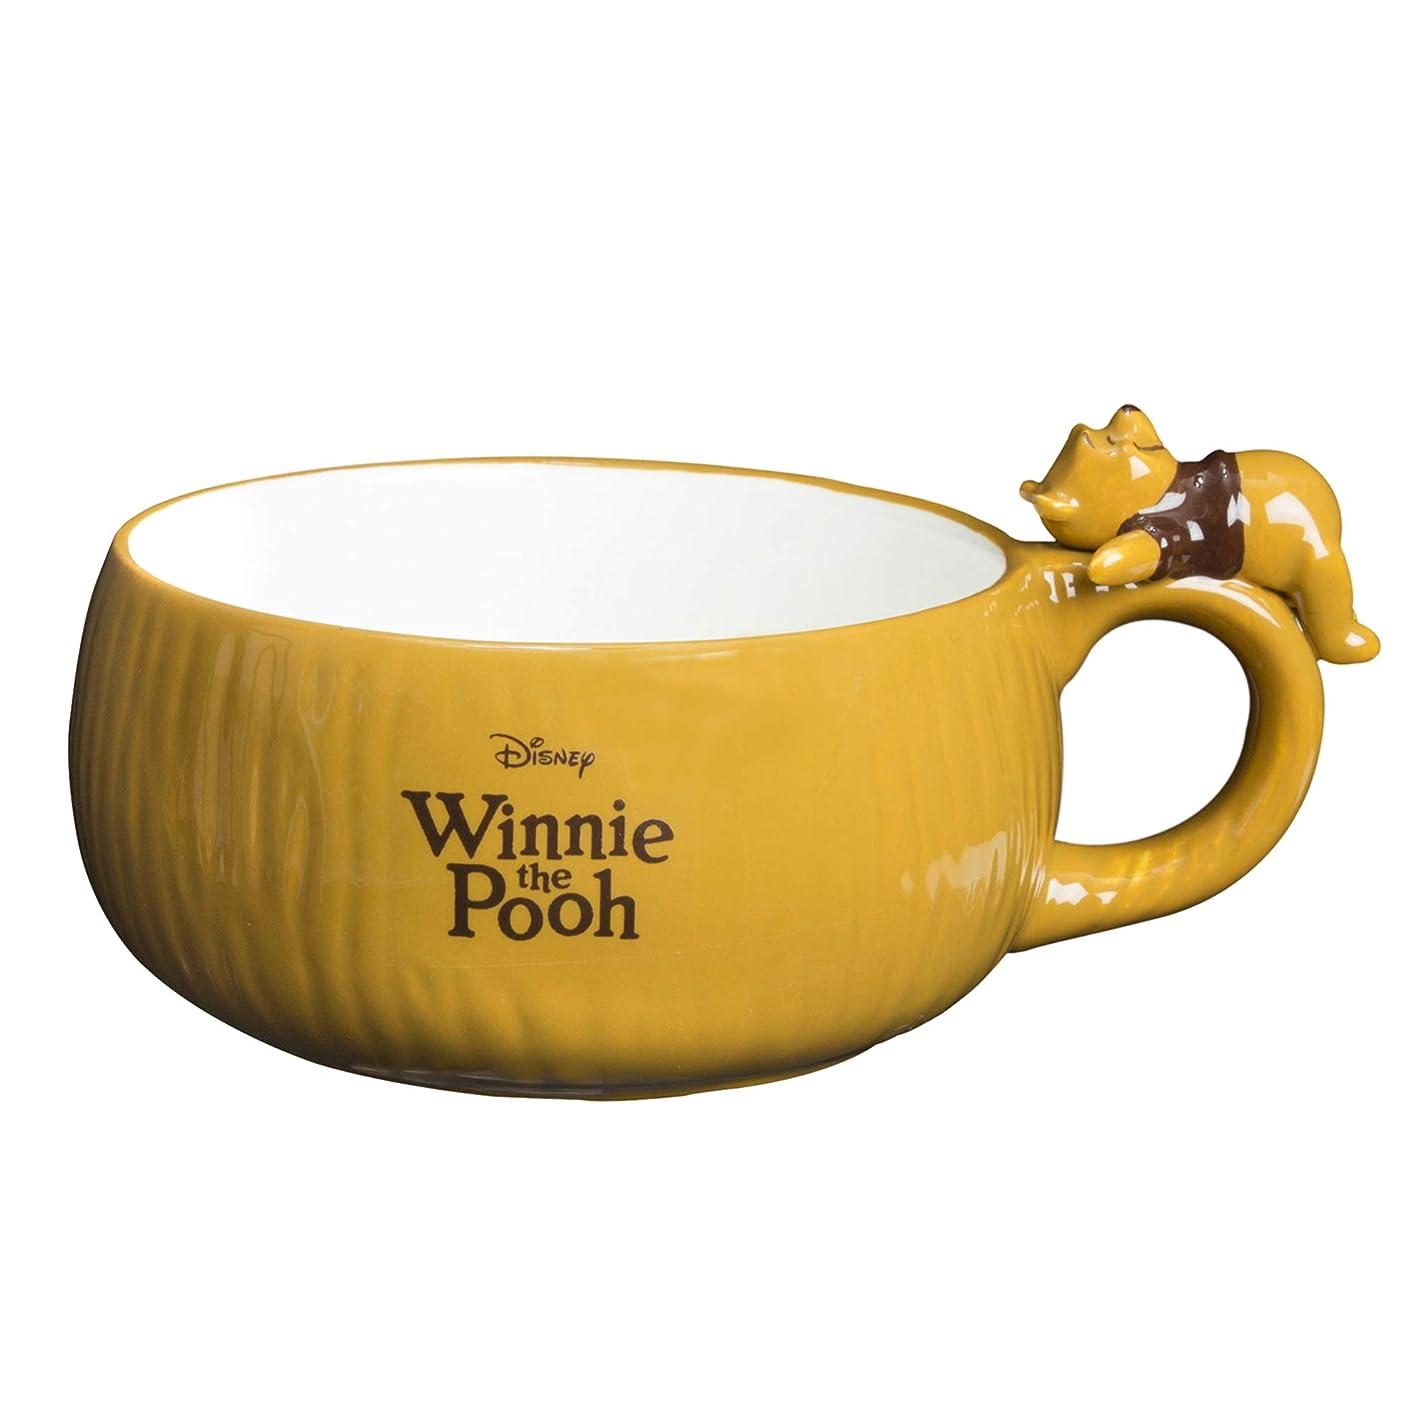 ご注意先のことを考える底ディズニー 「 くまのプーさん 」 プーさん まったりスープカップ 390ml SAN2736